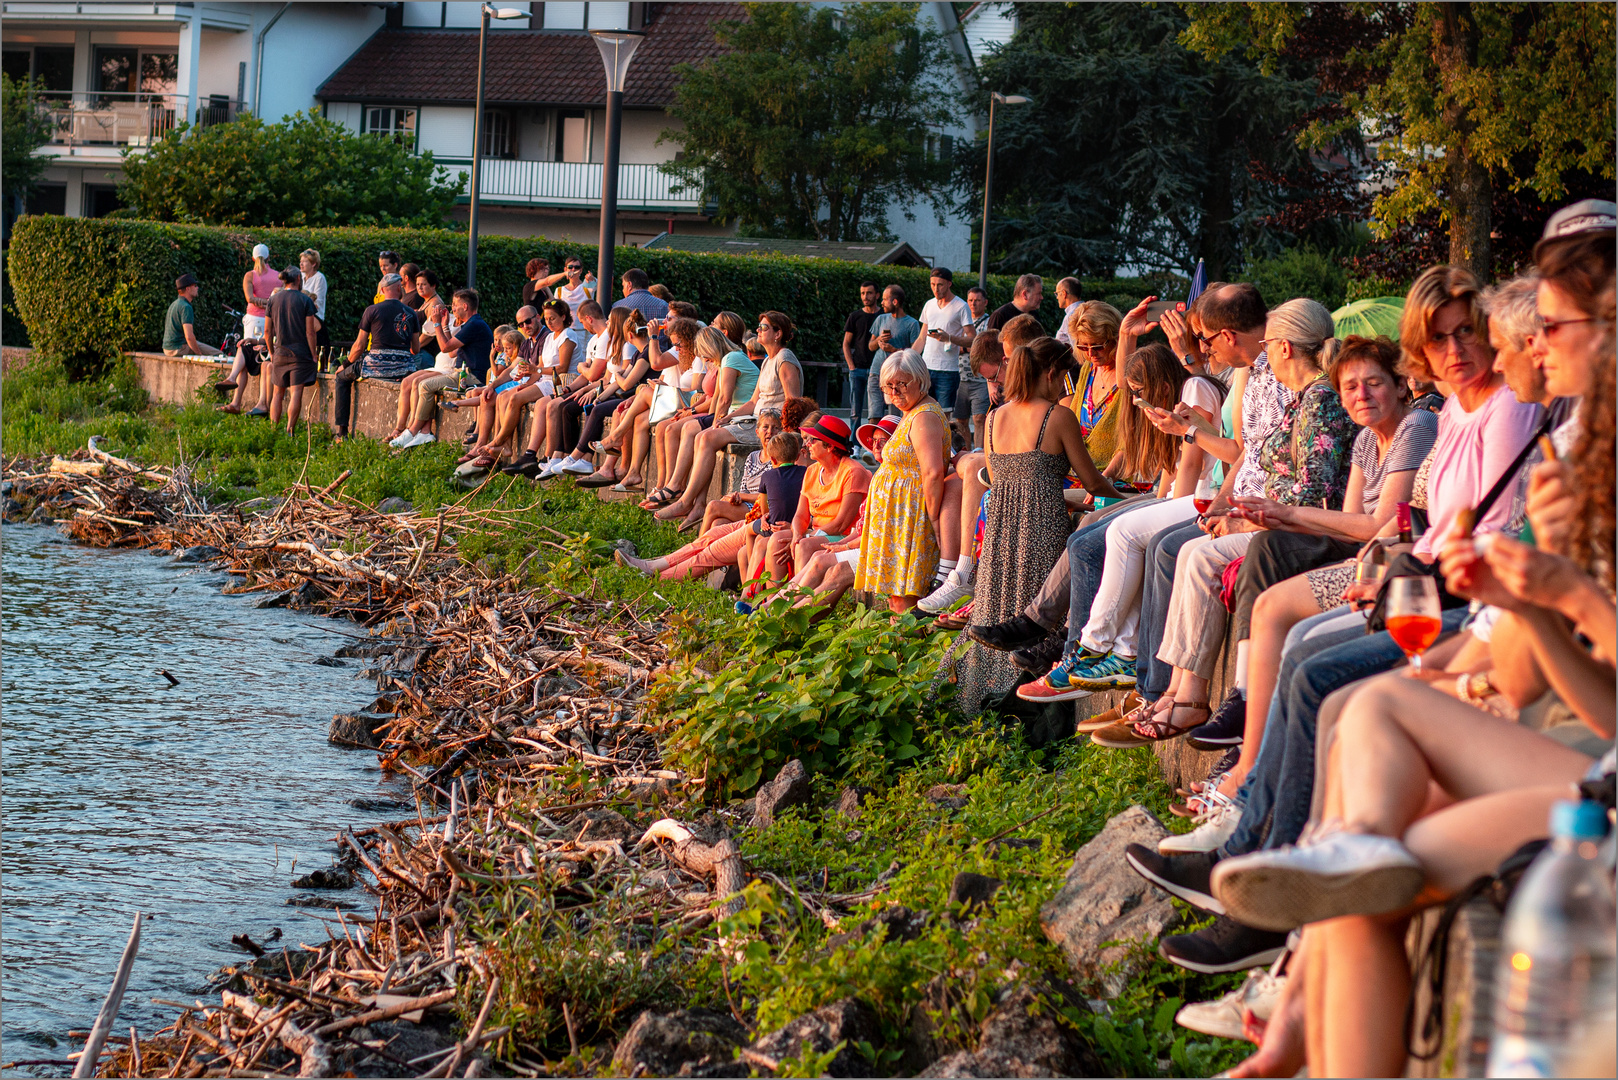 Langenargen / Bodensee 23.Juli, 20.46 Uhr, In Erwartung des Sonnenuntergangs